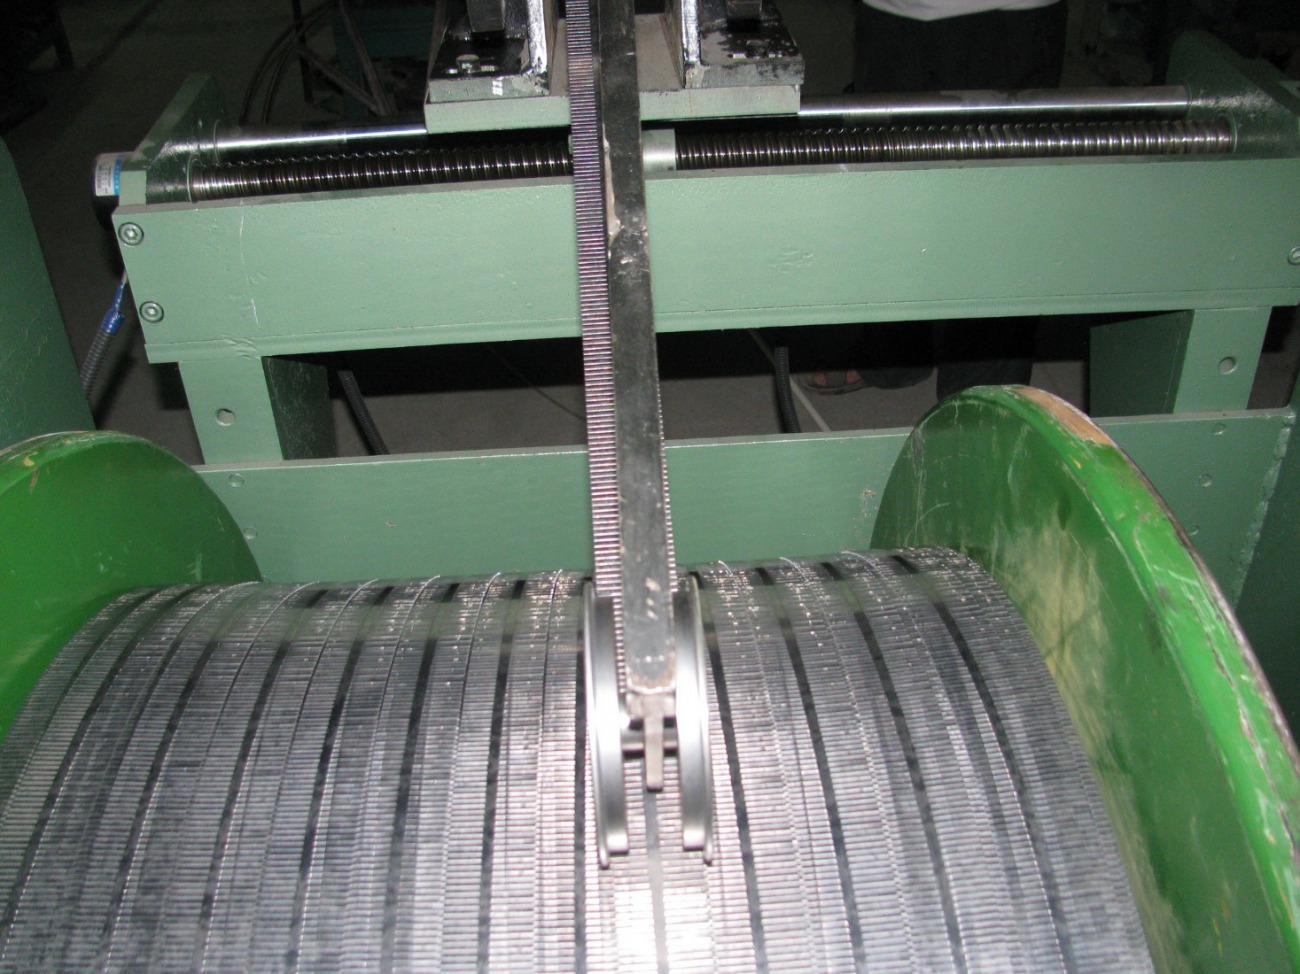 扁丝层绕机扁线密排机绕盘机精密绕线机